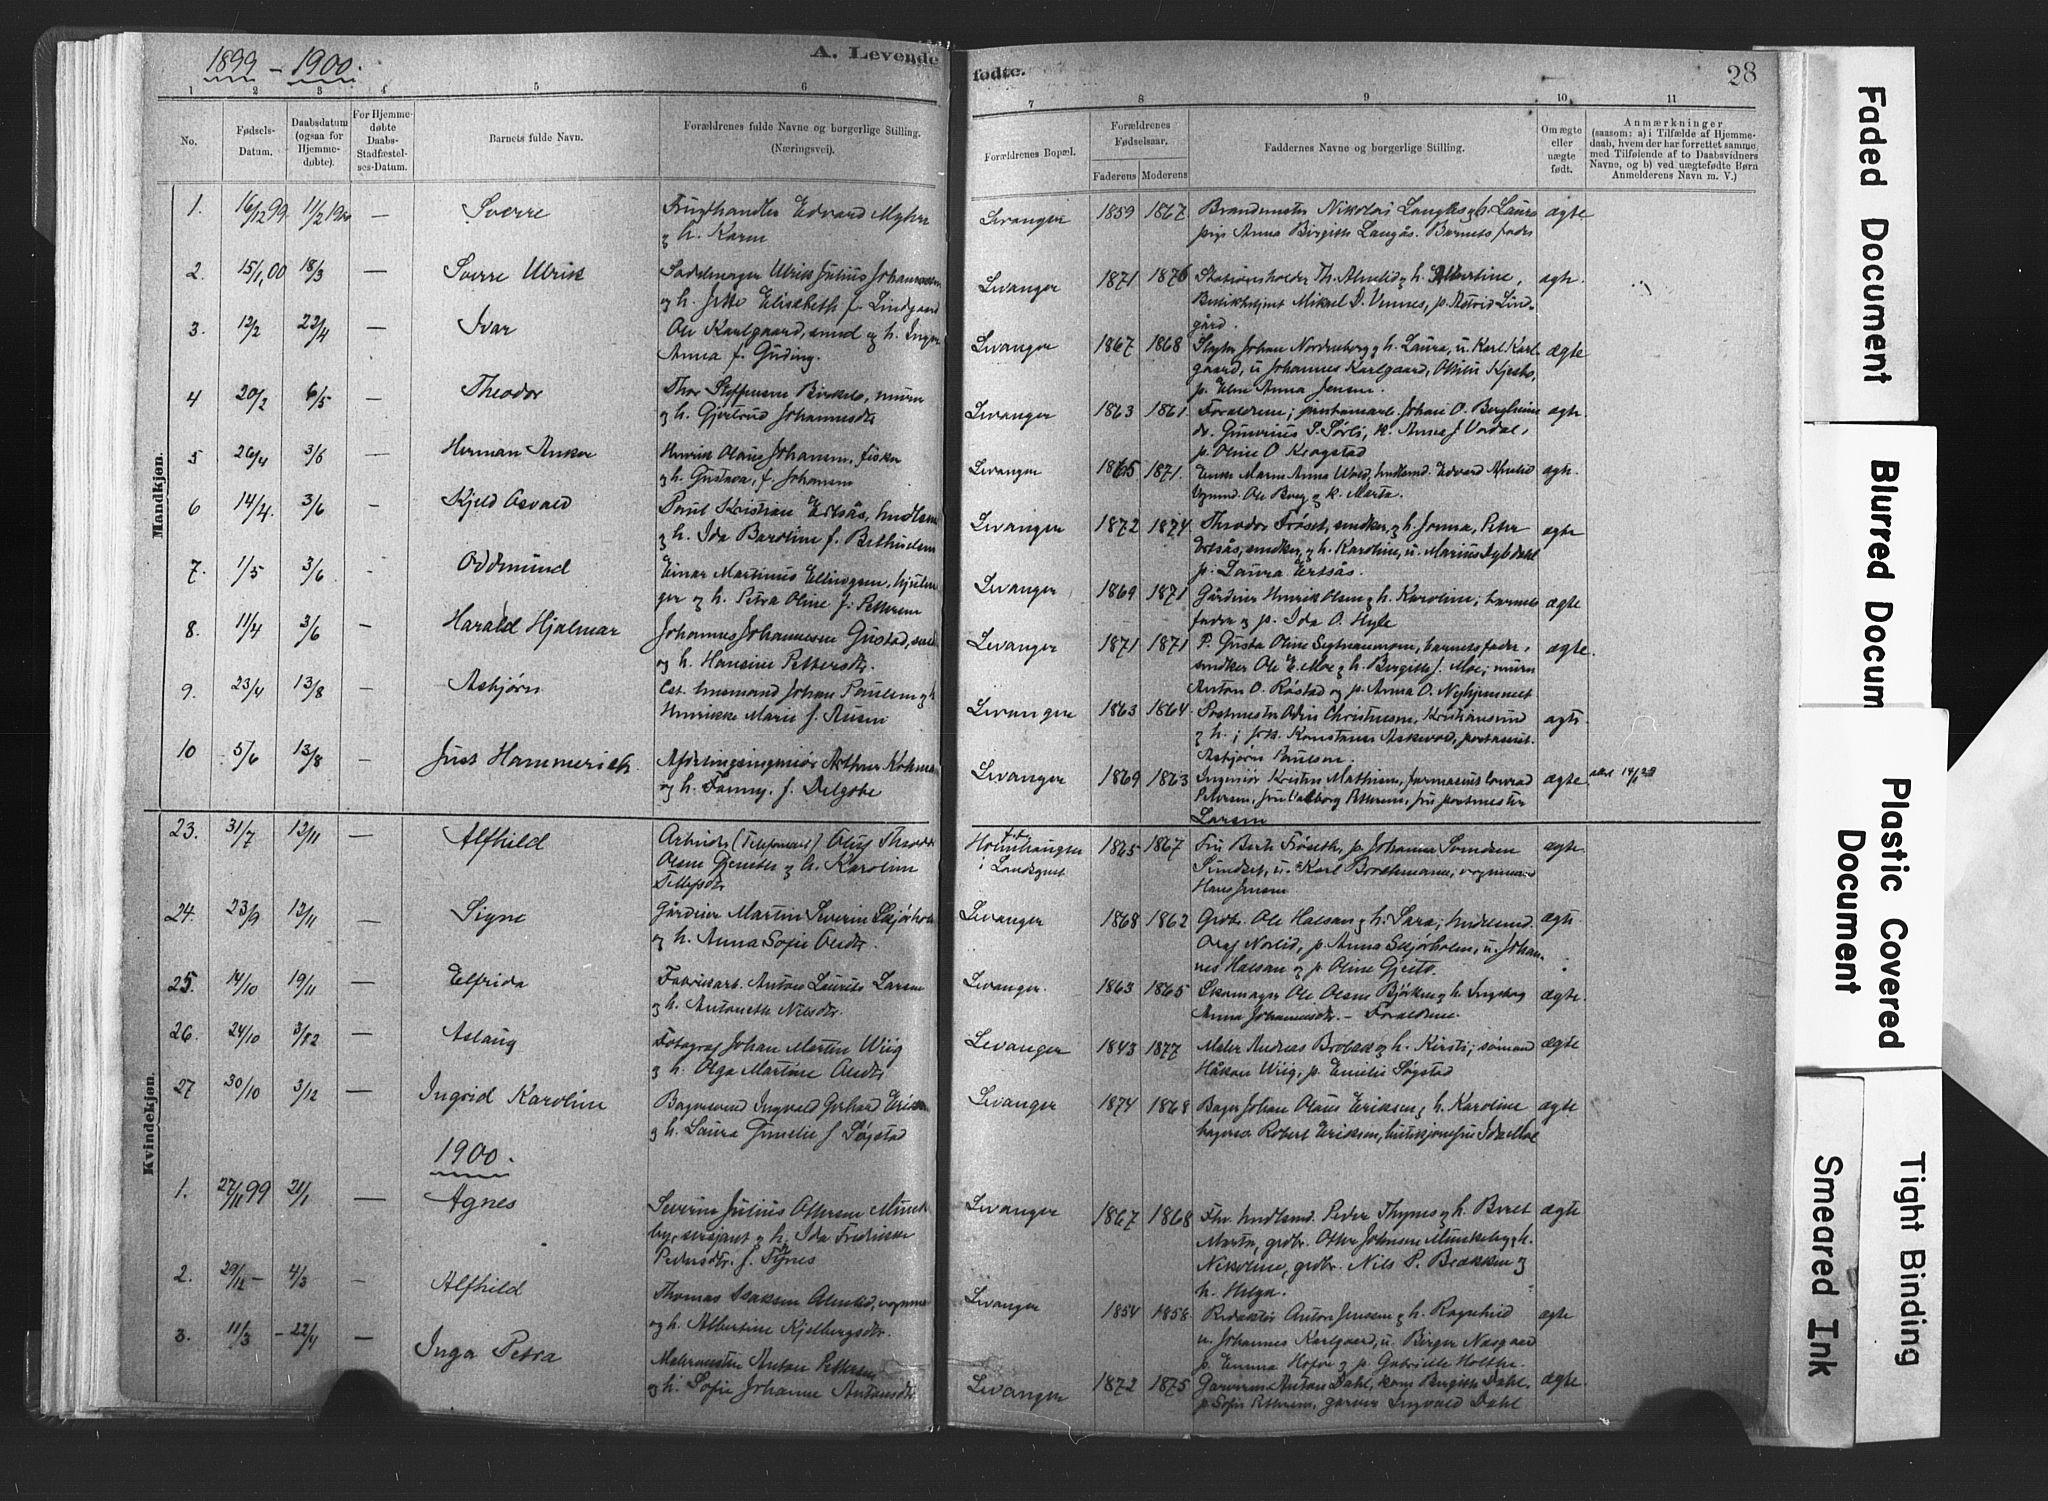 SAT, Ministerialprotokoller, klokkerbøker og fødselsregistre - Nord-Trøndelag, 720/L0189: Ministerialbok nr. 720A05, 1880-1911, s. 28